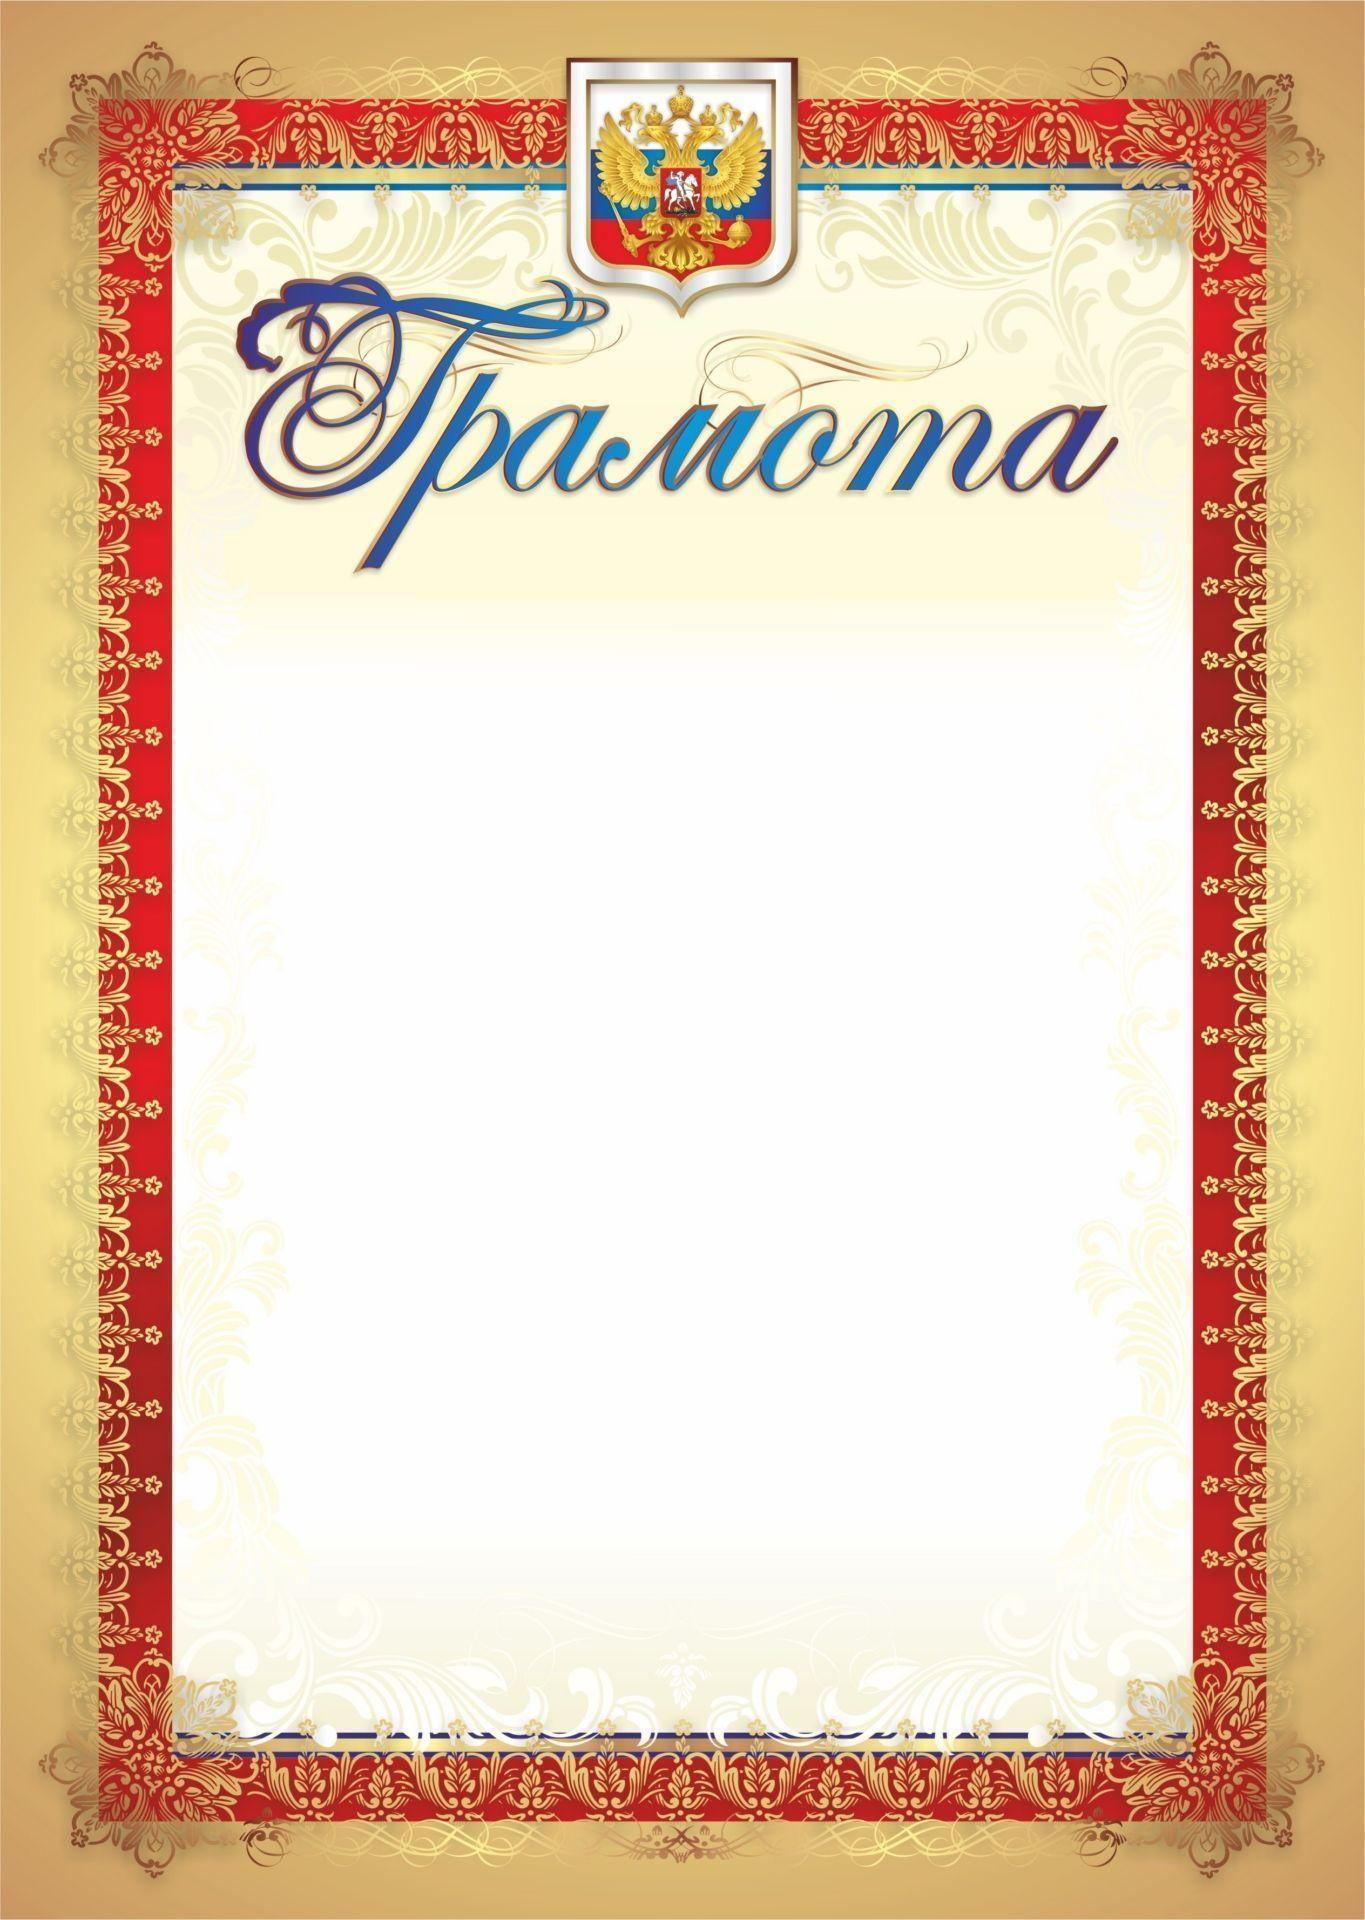 Купить со скидкой Грамота (с гербом и флагом, вертикальная): упаковка 200 шт.